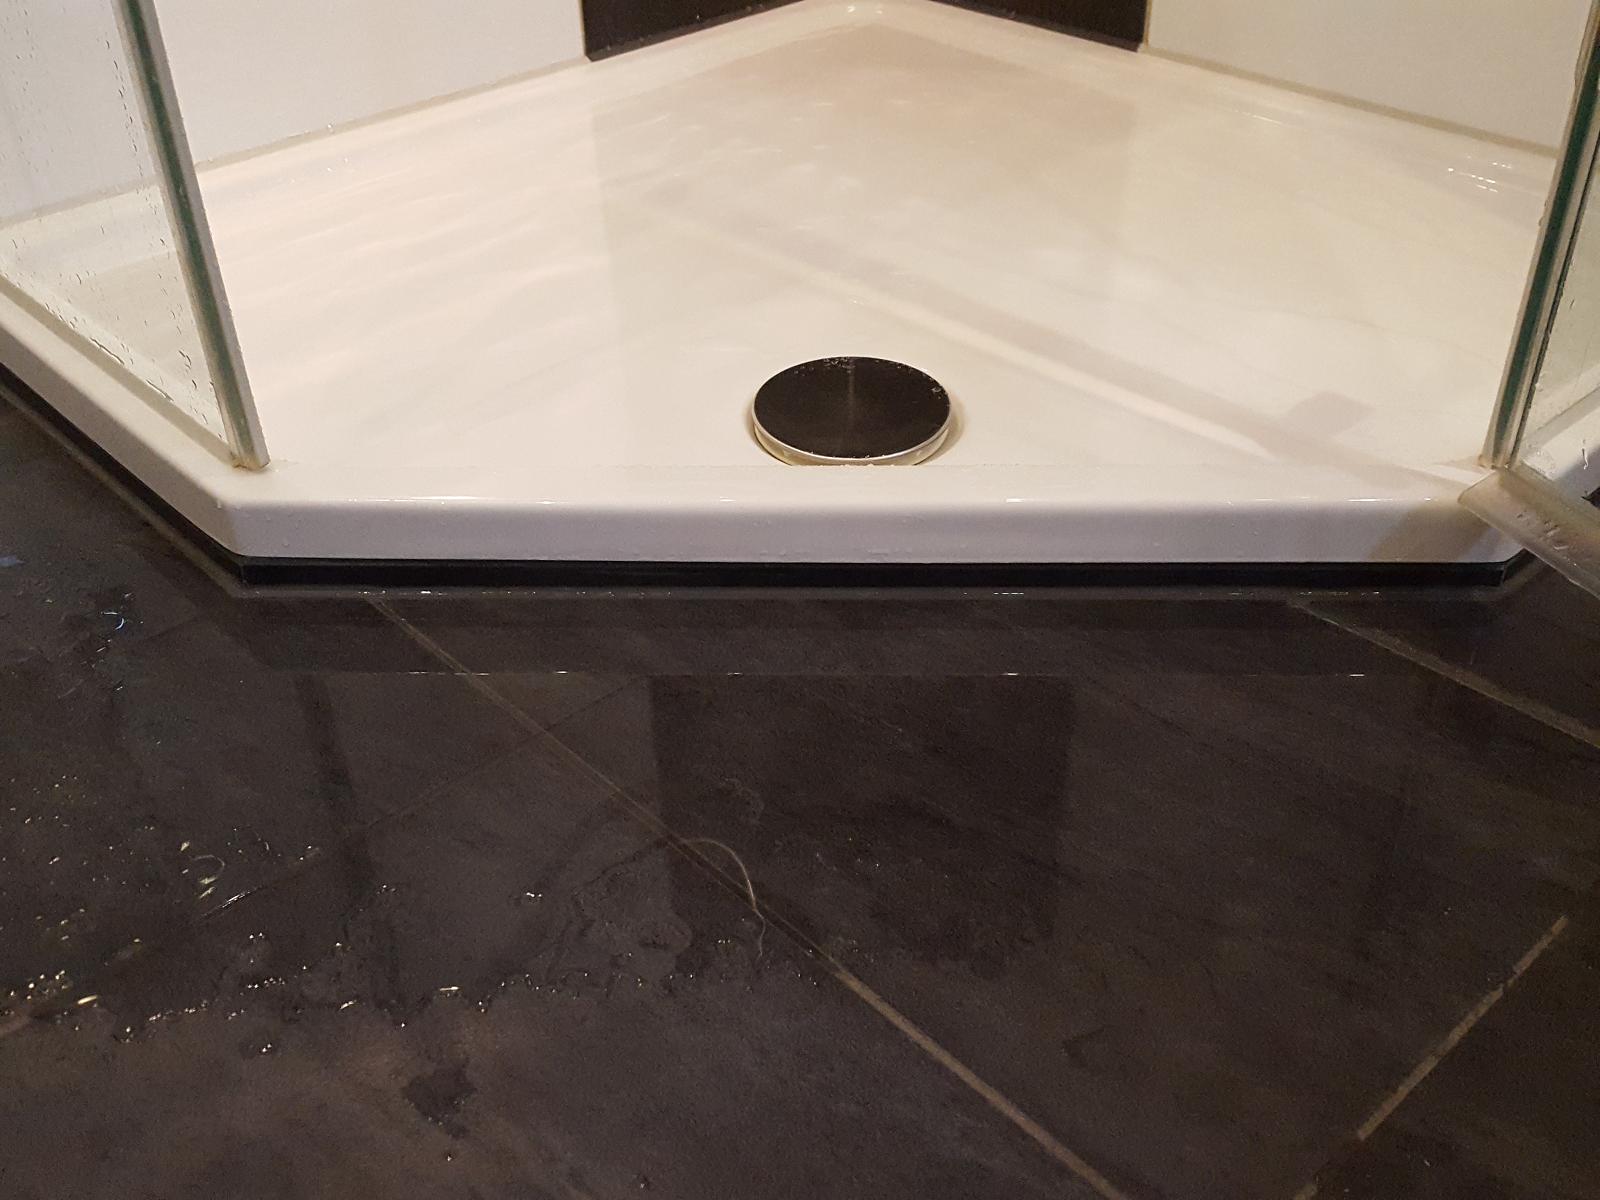 Full Size of Bodengleiche Dusche Fliesen Nachtrglich Installieren Vorteile Fliesenspiegel Küche Selber Machen Einhebelmischer 80x80 Schulte Duschen Werksverkauf Badezimmer Dusche Bodengleiche Dusche Fliesen